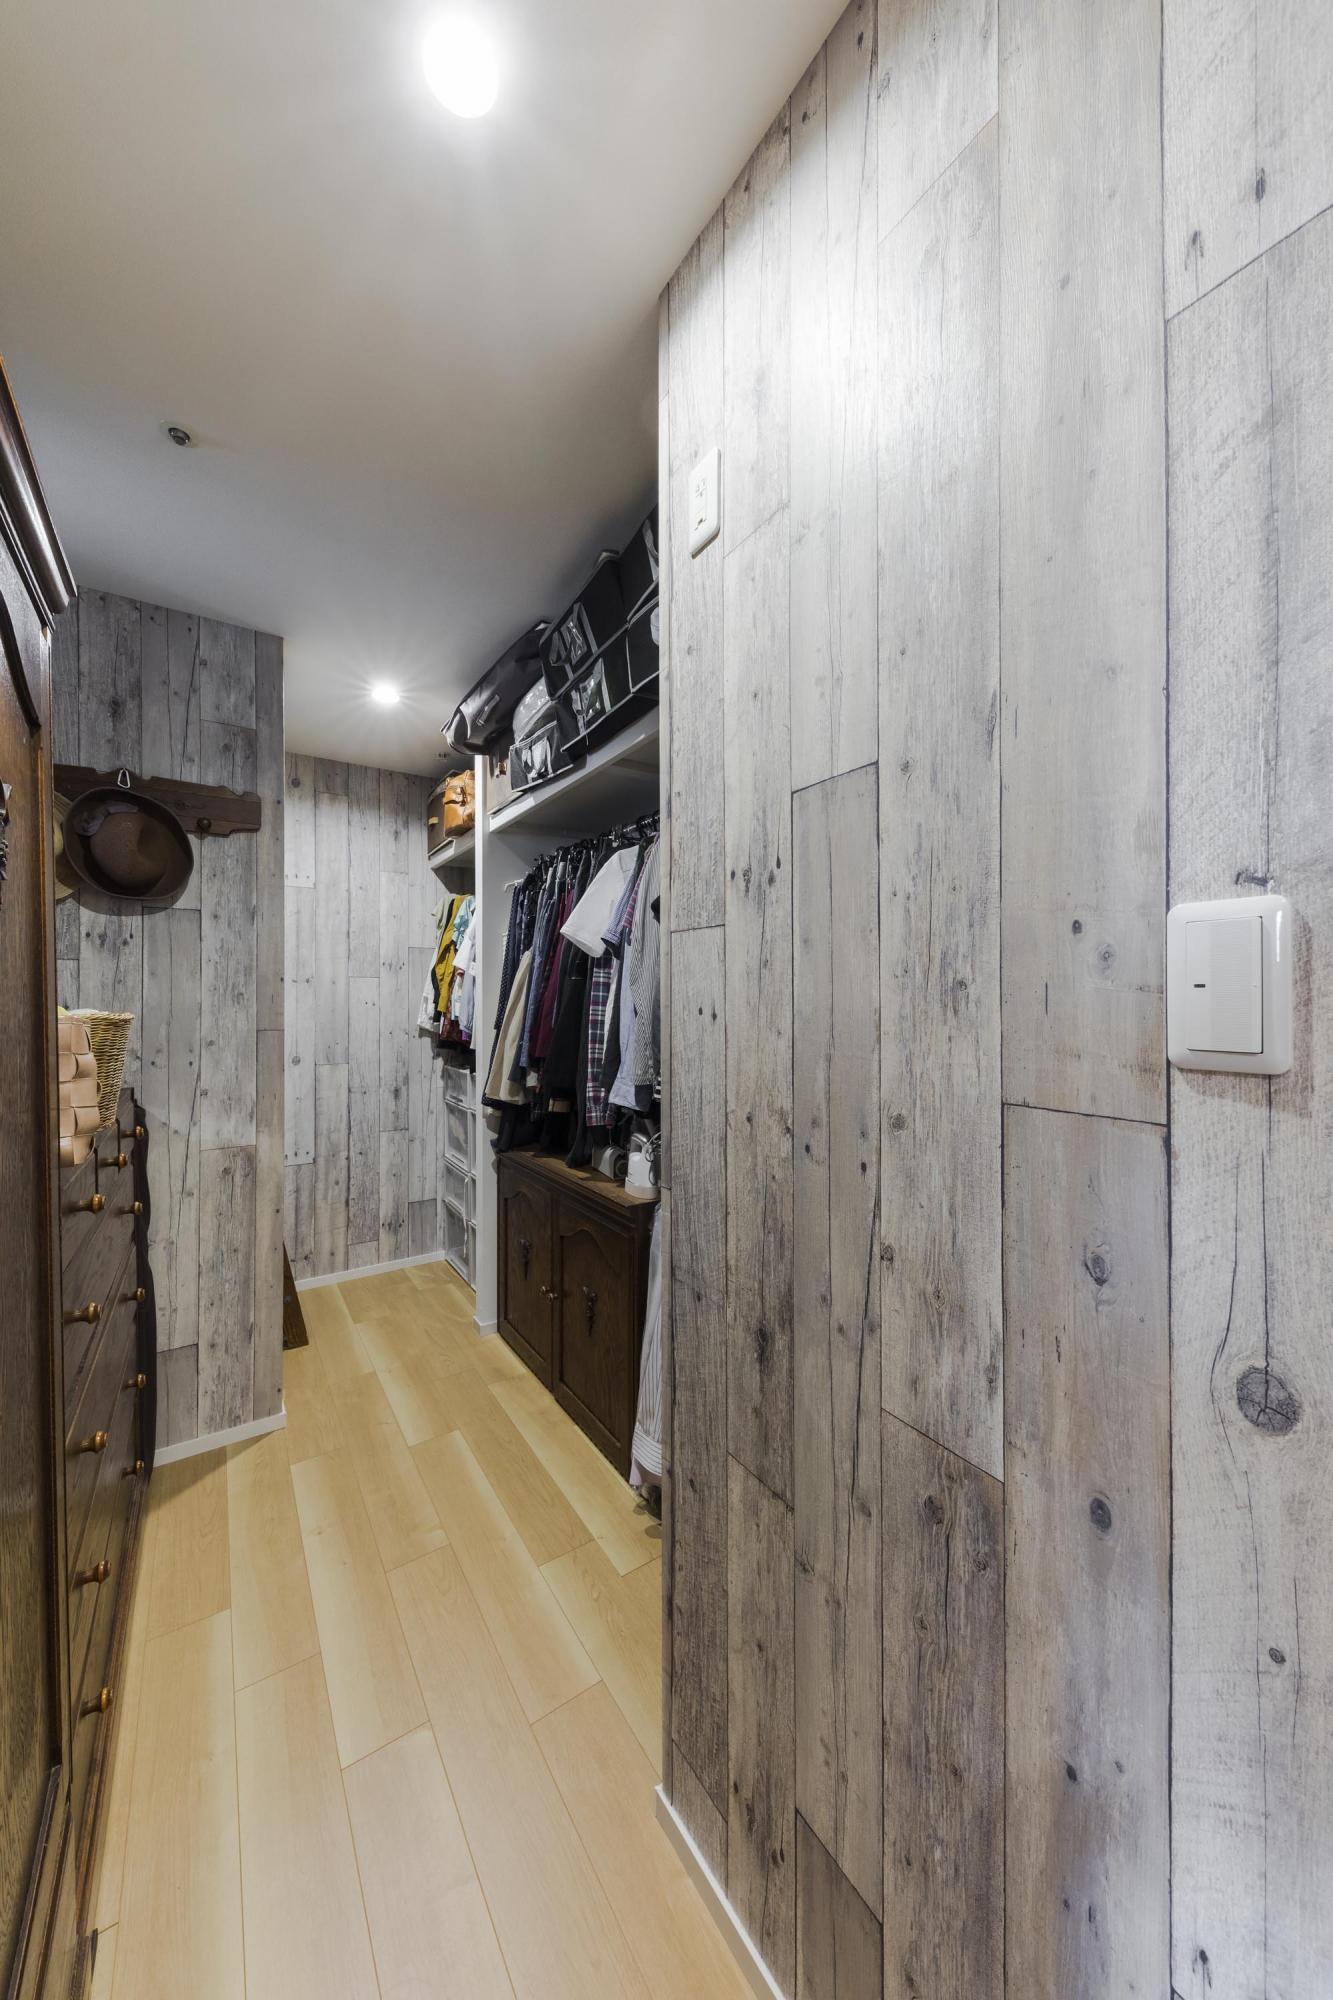 以前の和室の一角に大容量のウォークインクロゼットを設置。収納力もアップし、ウォークインクロゼット内で着替えもしやすくなったという。壁紙は夫人の希望で、グレーのウッド柄に。壁に荷物がぶつかっても傷や汚れが目立たないのが、気に入っているという